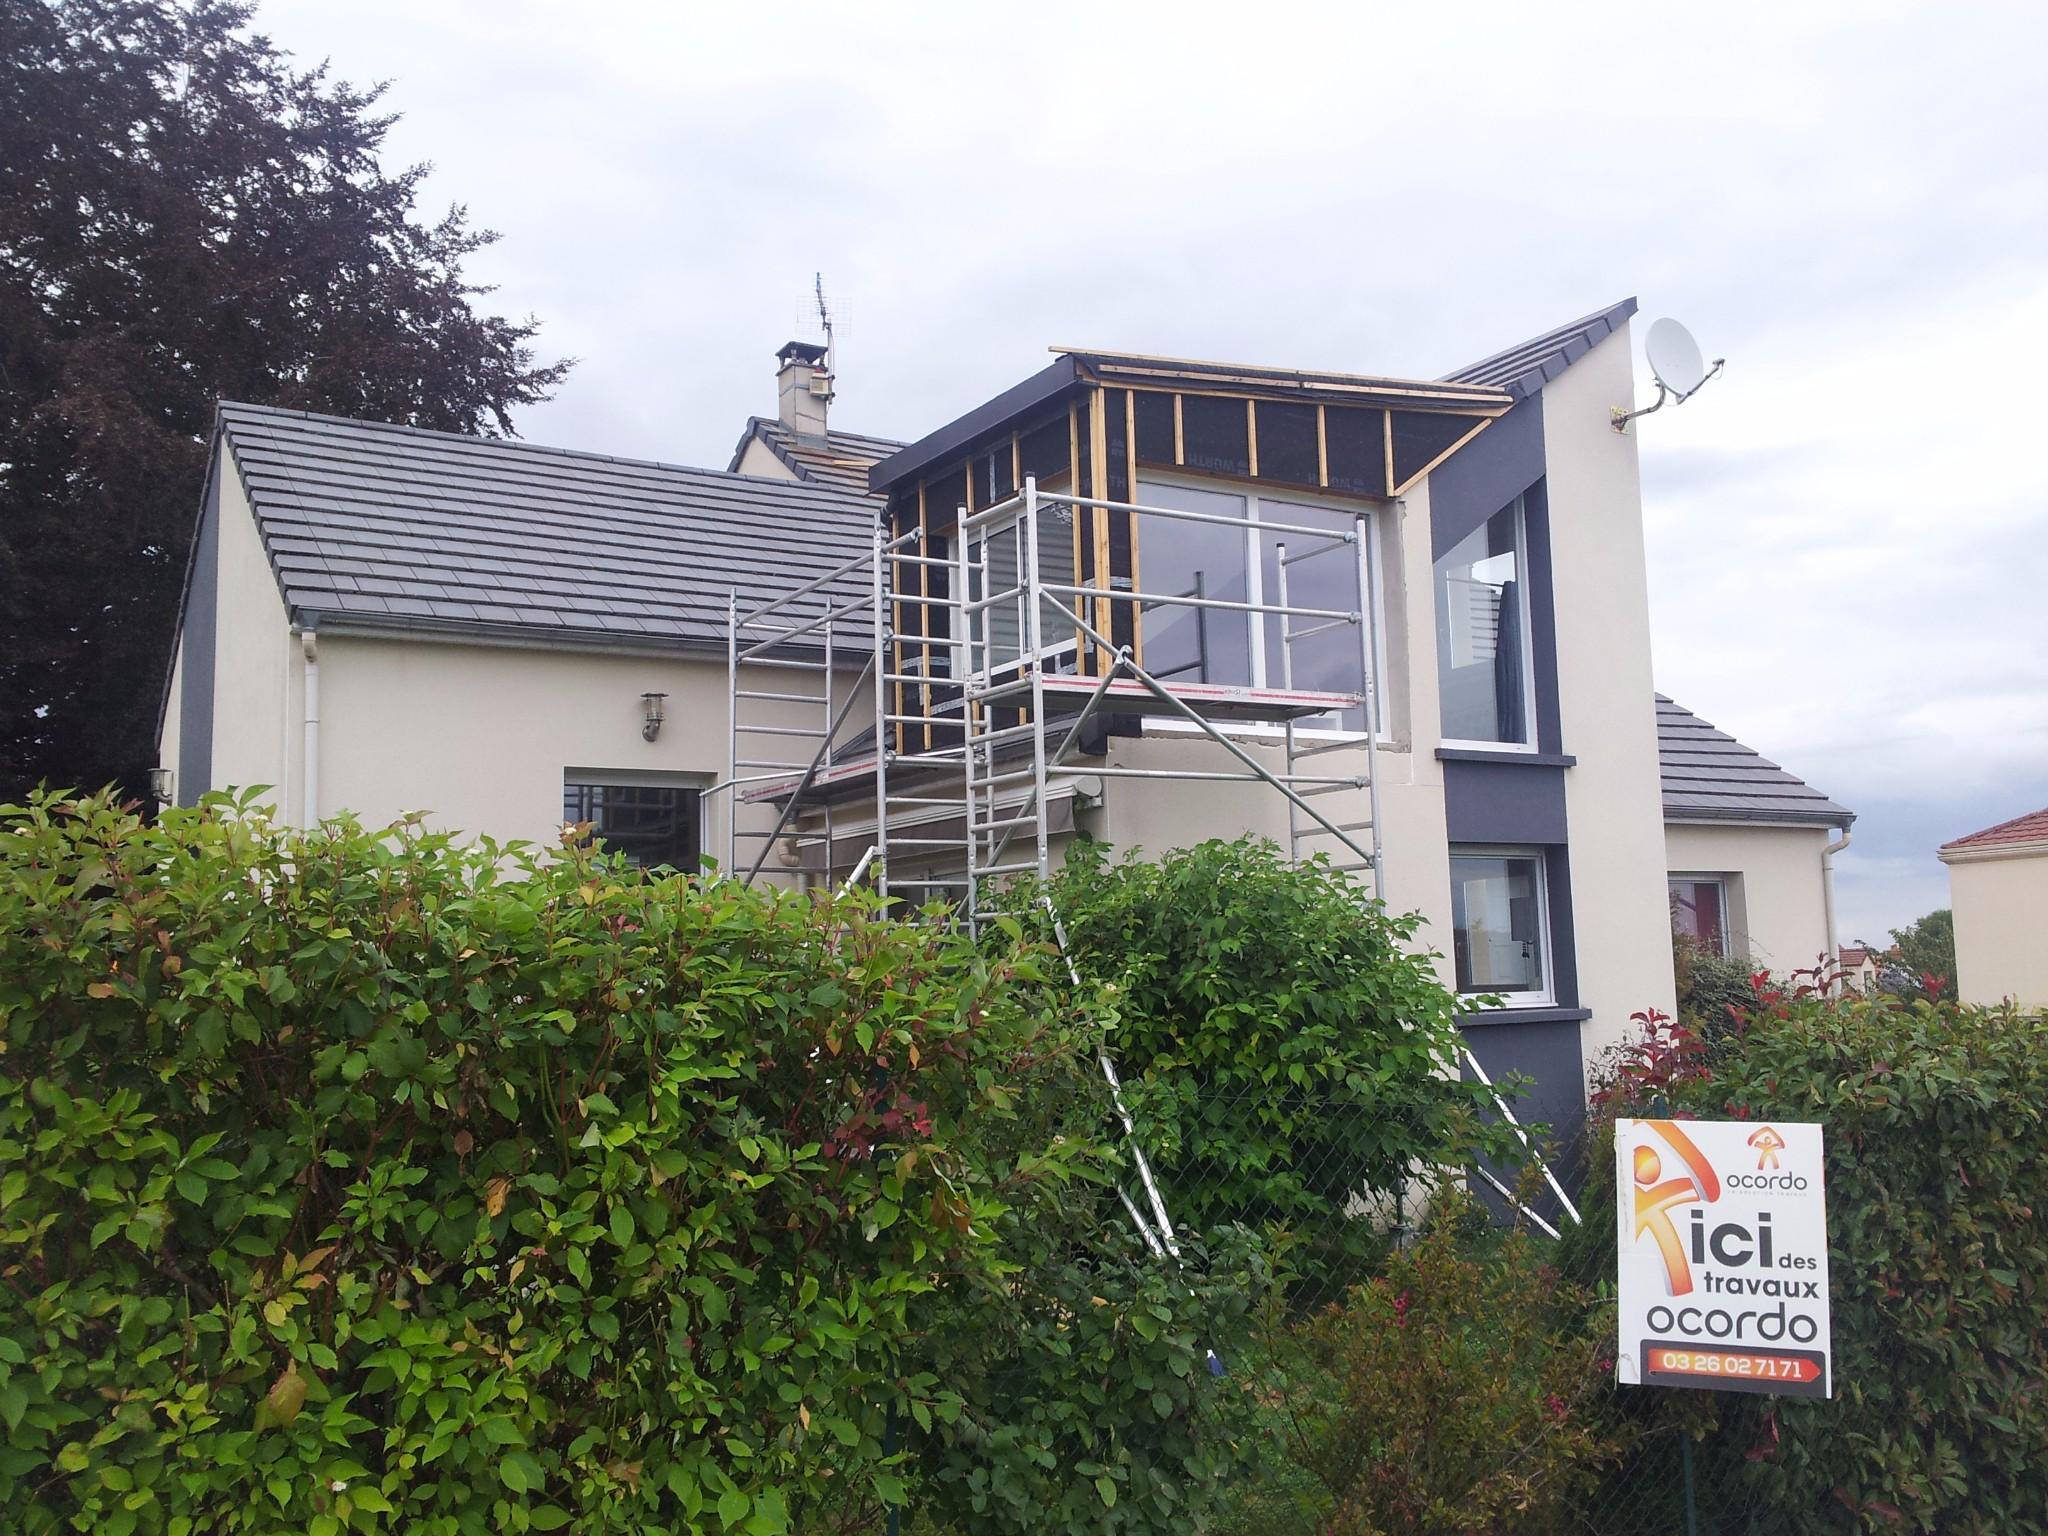 Construction avec sur l vation pargny les reims ocordo for Extension maison reims